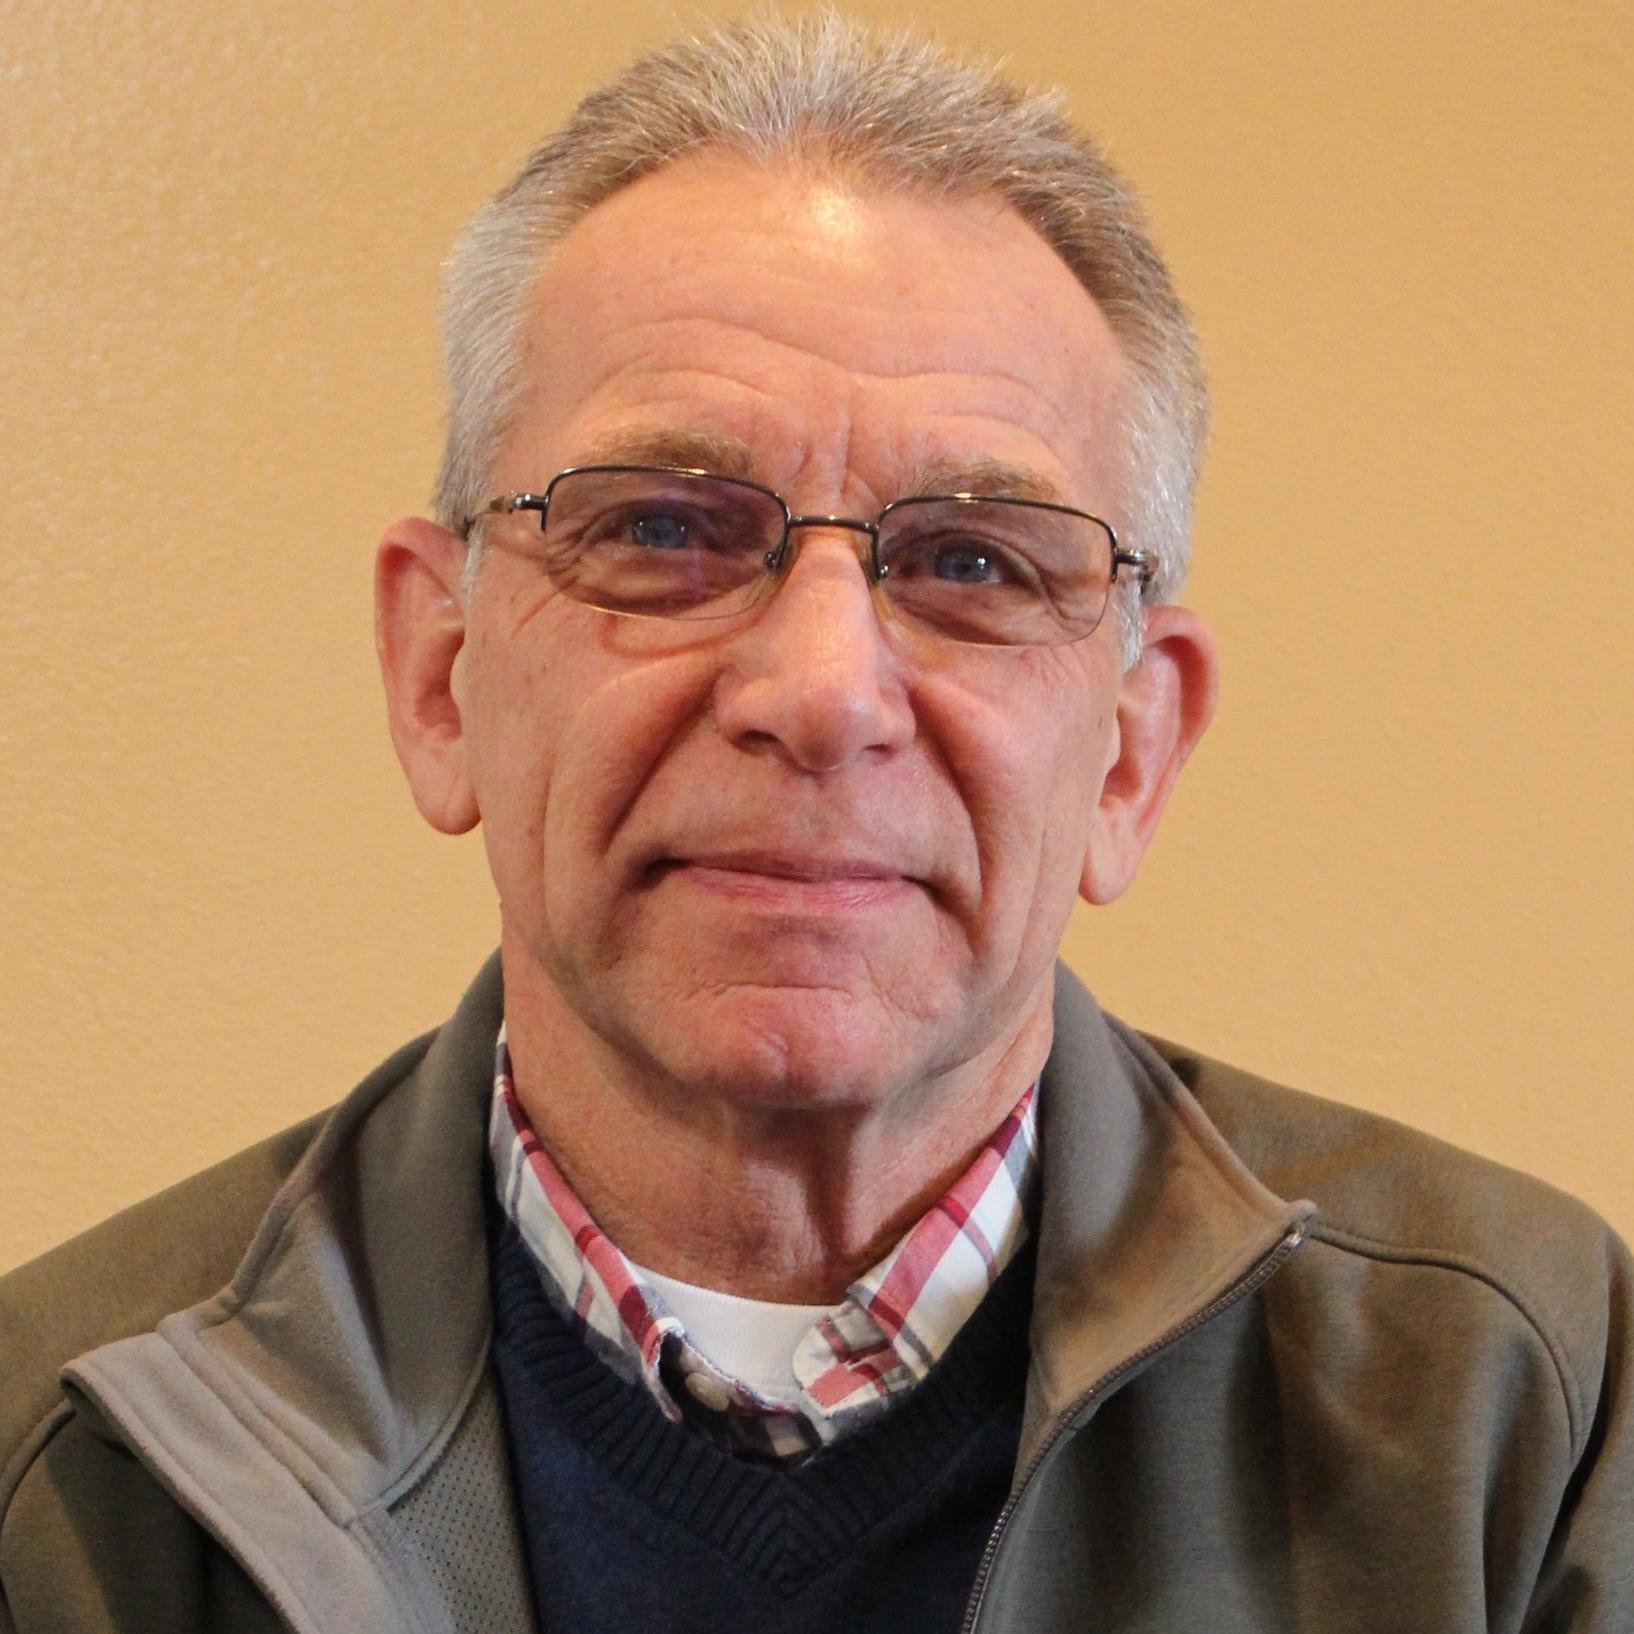 Joel Foster, Elder